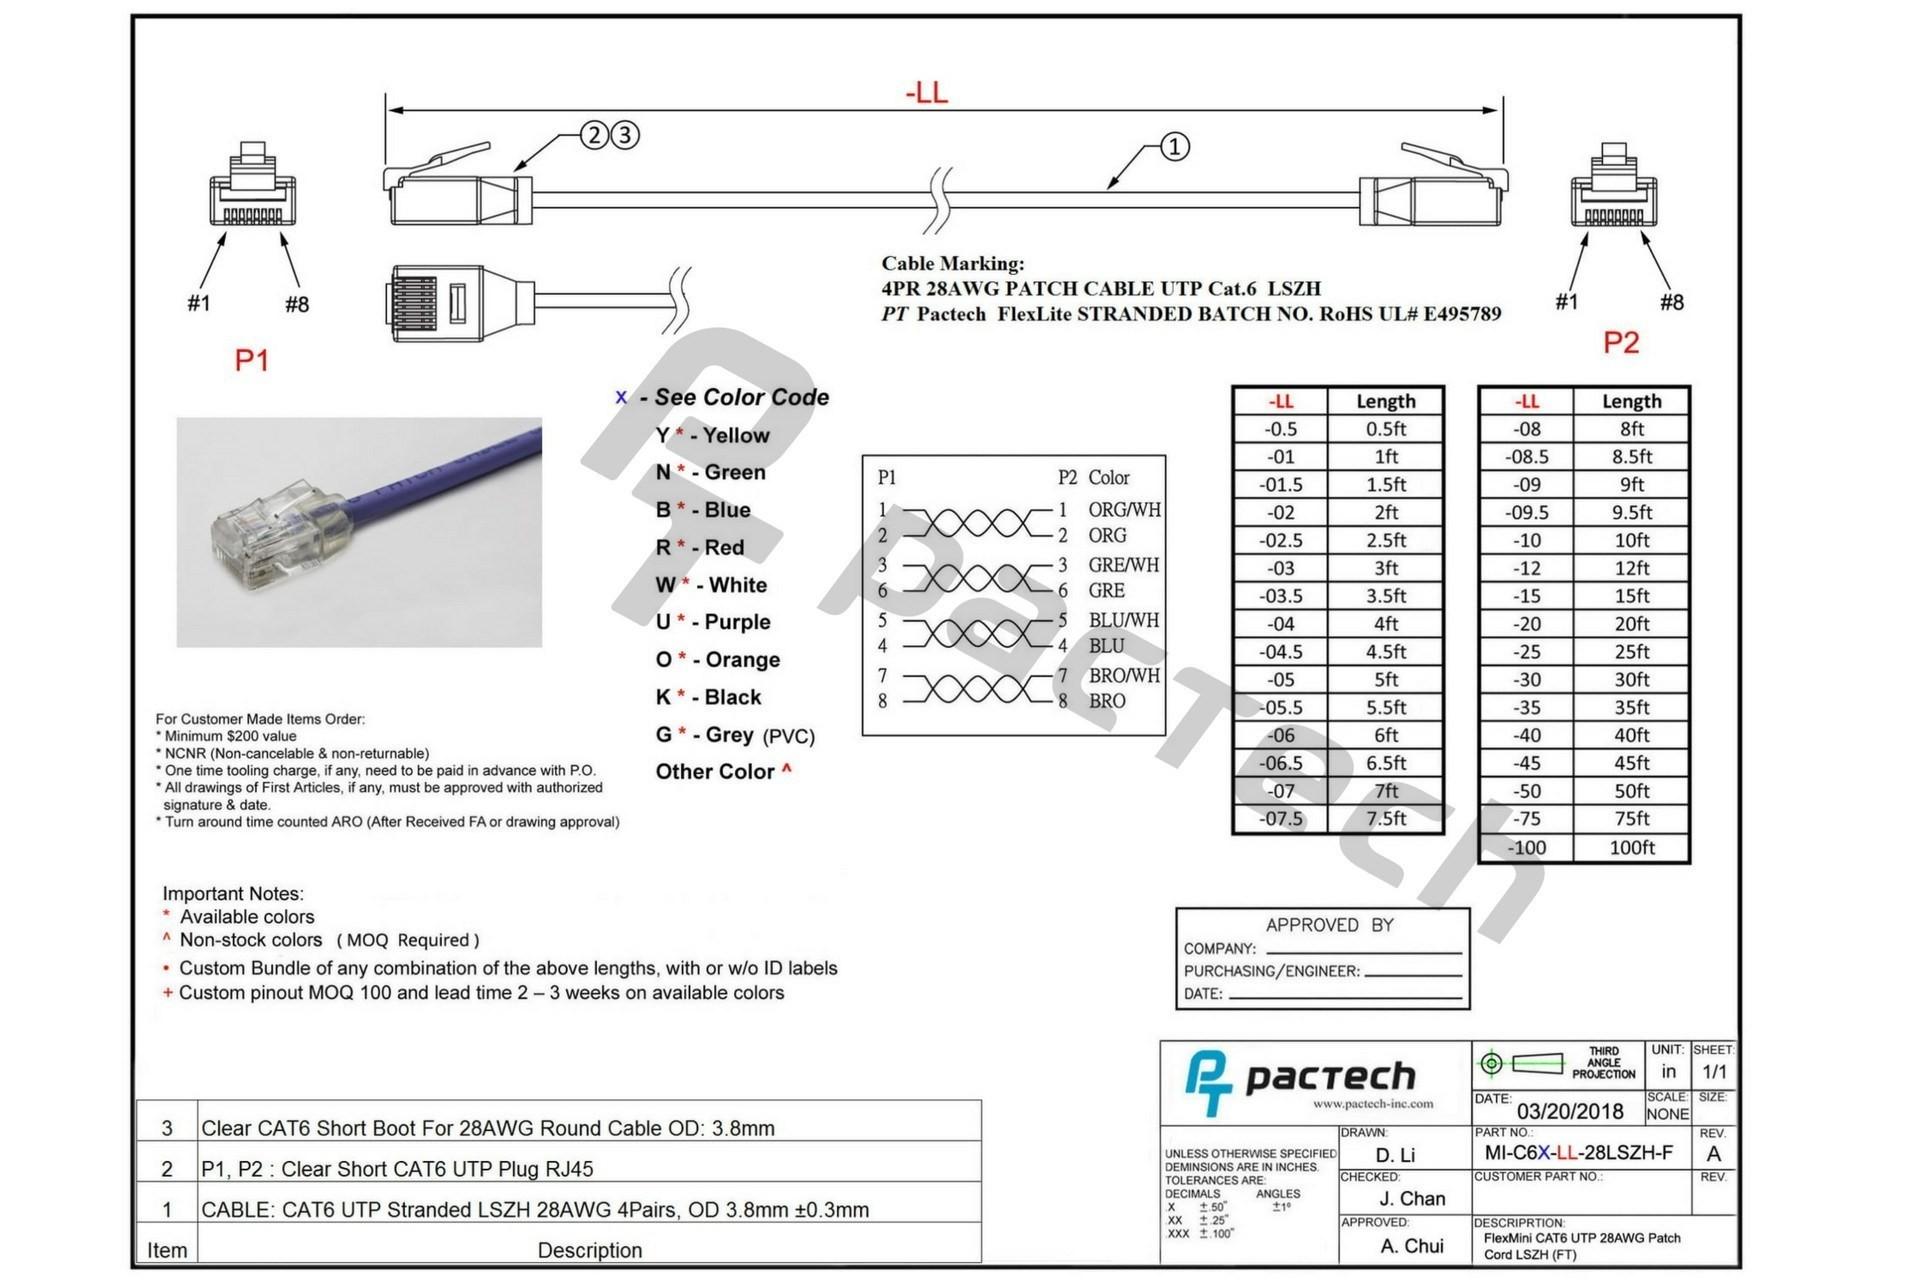 Trailer Connector Wiring Diagram 3 Way Plug Wiring Of Trailer Connector Wiring Diagram